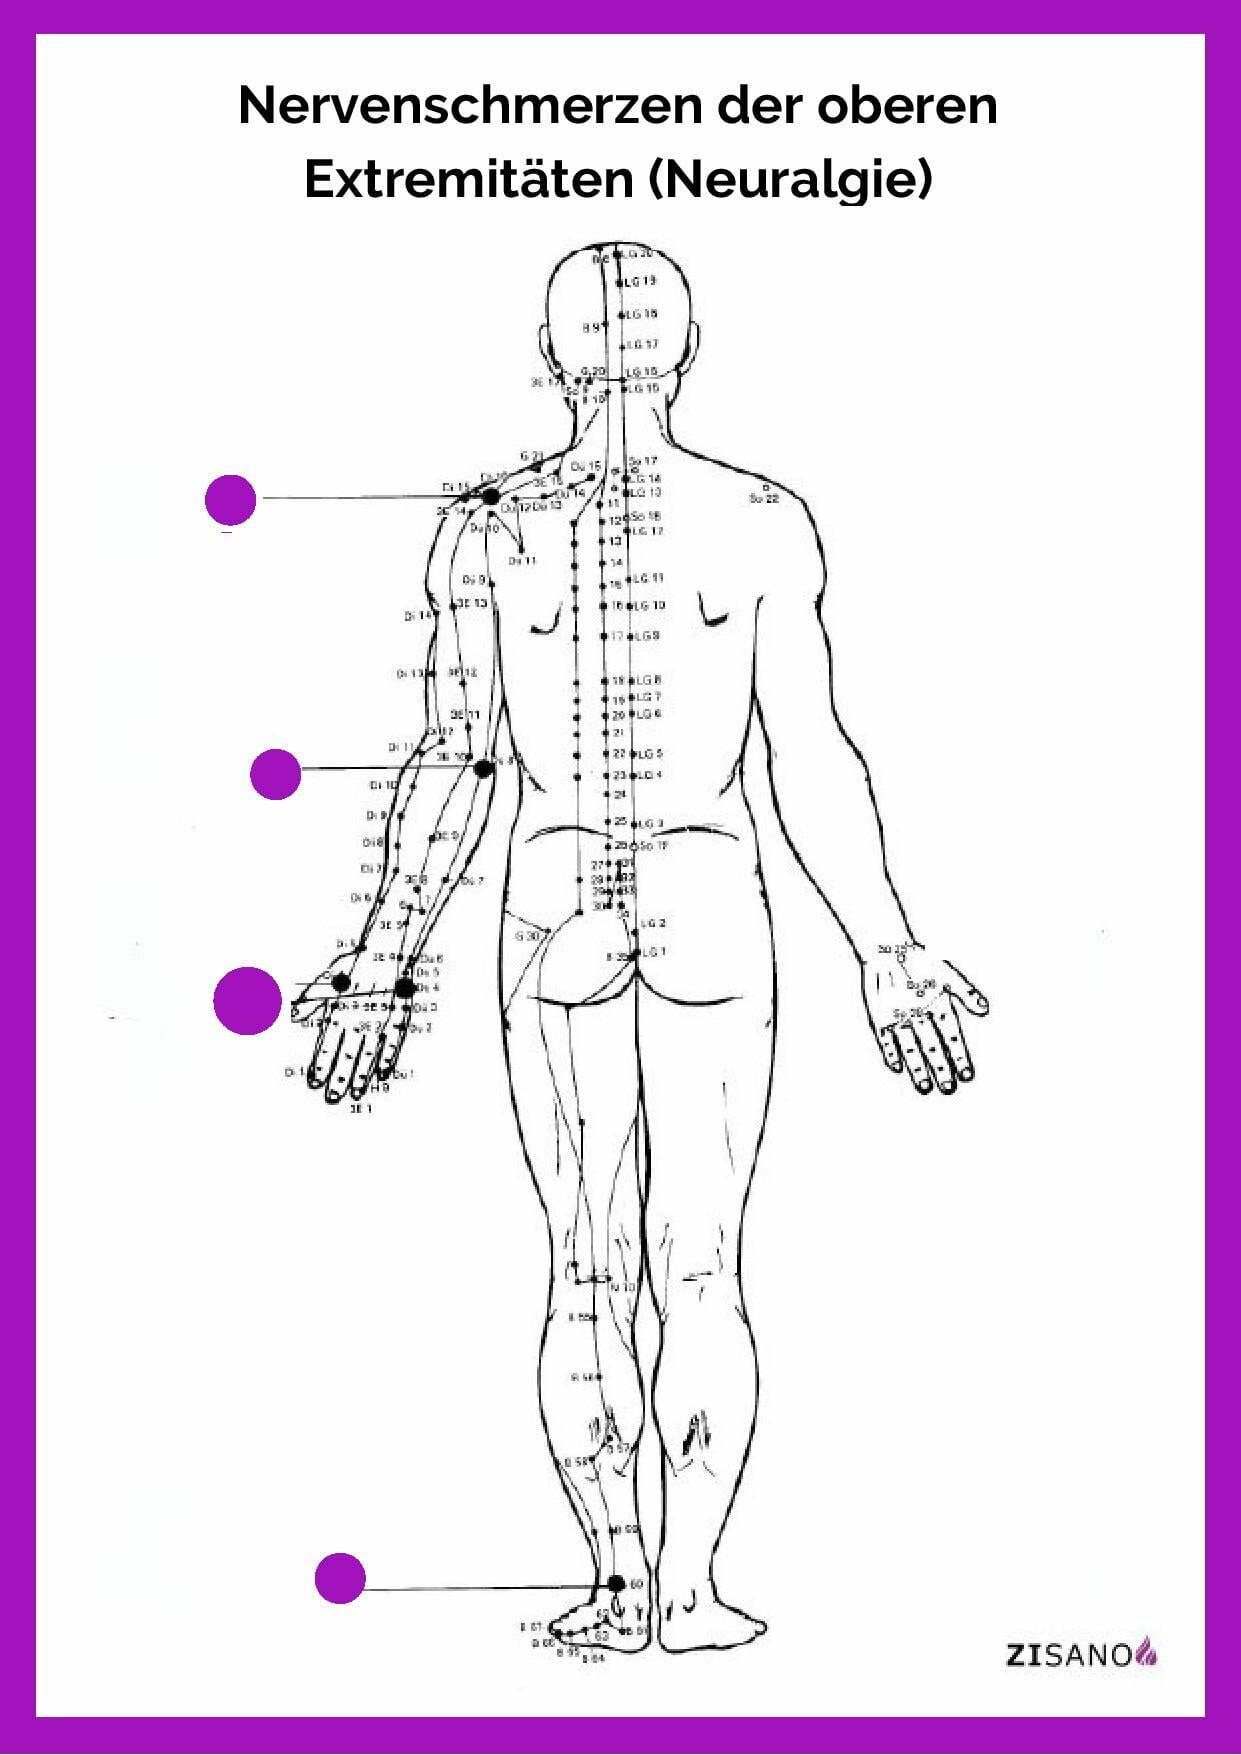 Meridiane - Nervenschmerzen - obere Extremitäten - Neuralgie - Beschwerden